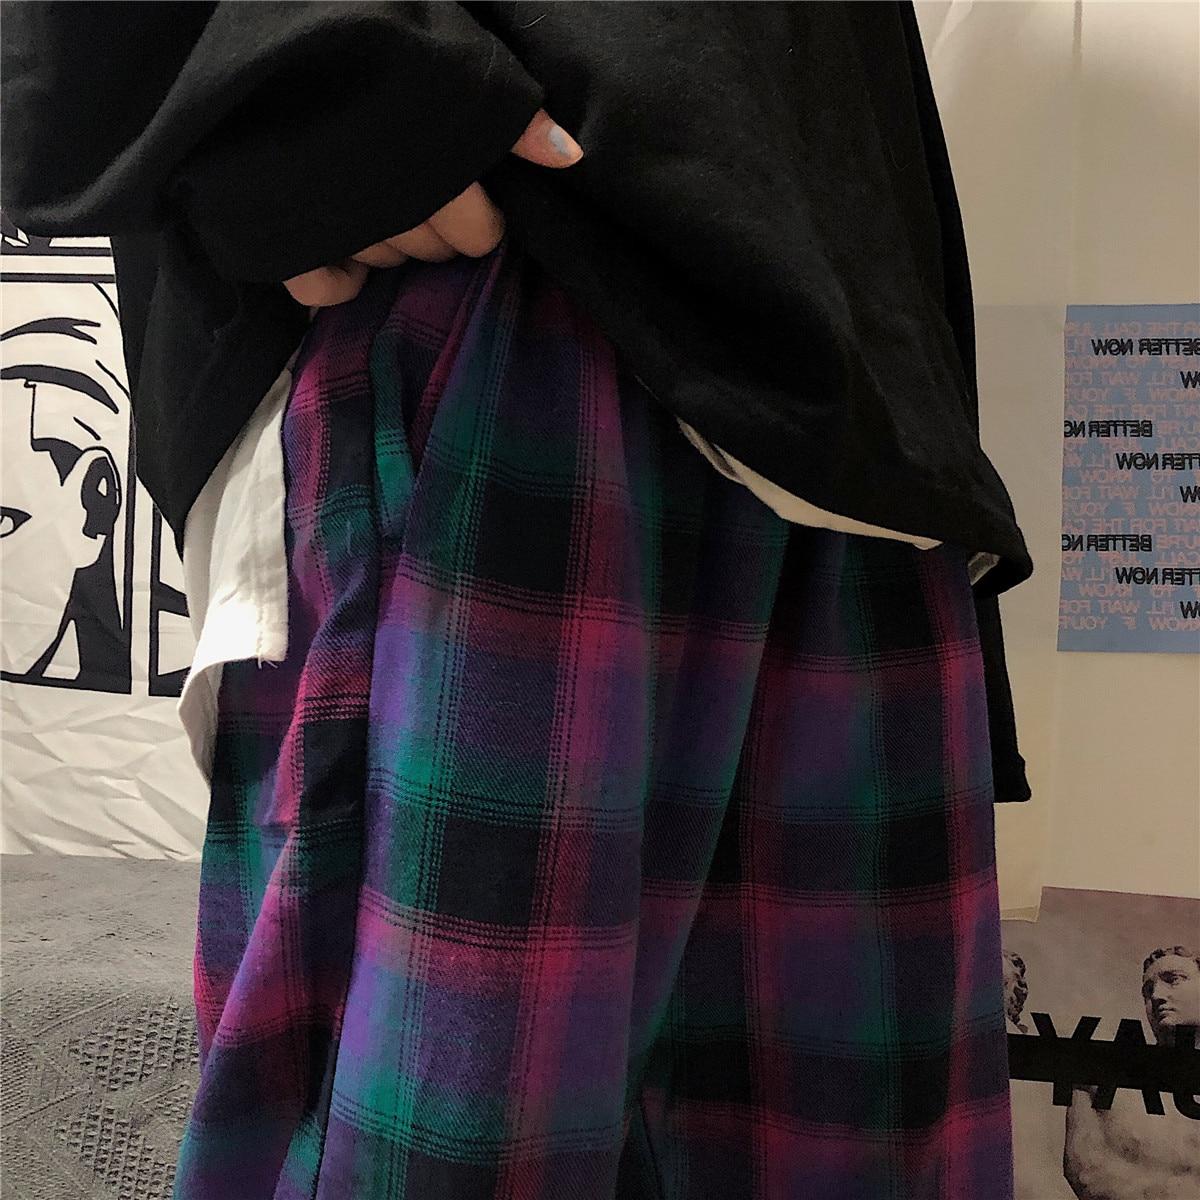 Houzhou Harajuku Plaid Broek Voor Vrouwen Japanse Streetwear Koreaanse Stijl Geruite Broek Vrouwen Esthetische Gecontroleerd Broek Vrouwen